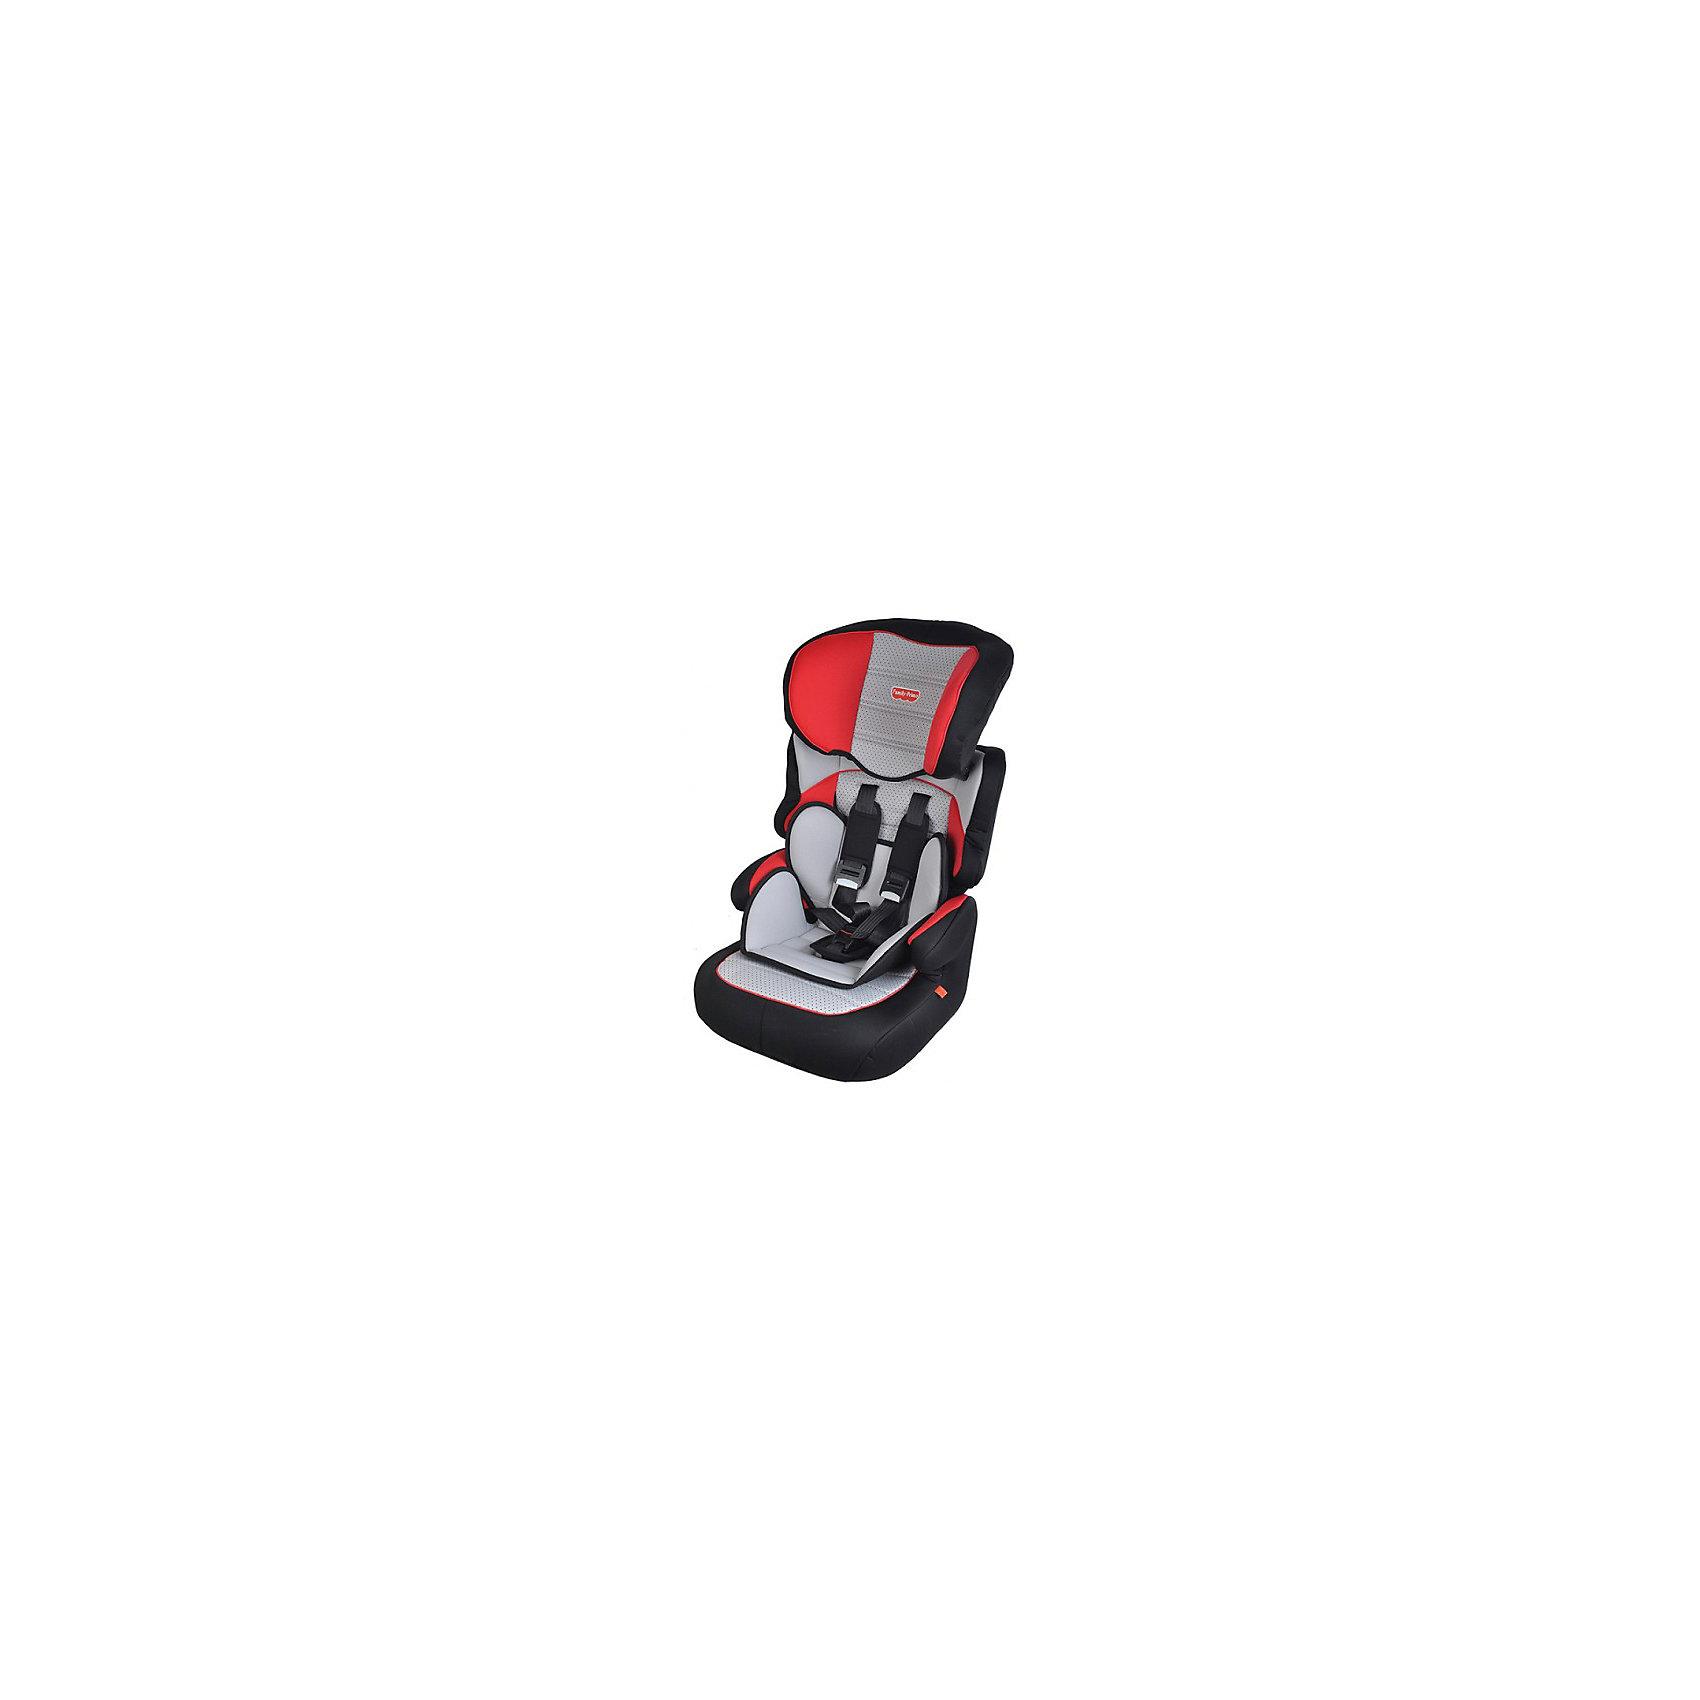 Автокресло Nania Beline SP FP, 9-36кг, cronos primoГруппа 1-2-3 (От 9 до 36 кг)<br>Автокресло Beline SP относится к группе 1/2/3, от 8 месяцев до 12 лет (9 - 36 кг). Соответствует стандартам ECE R44/04.<br><br>Ширина мм: 450<br>Глубина мм: 450<br>Высота мм: 880<br>Вес г: 5200<br>Возраст от месяцев: 8<br>Возраст до месяцев: 144<br>Пол: Унисекс<br>Возраст: Детский<br>SKU: 5569339